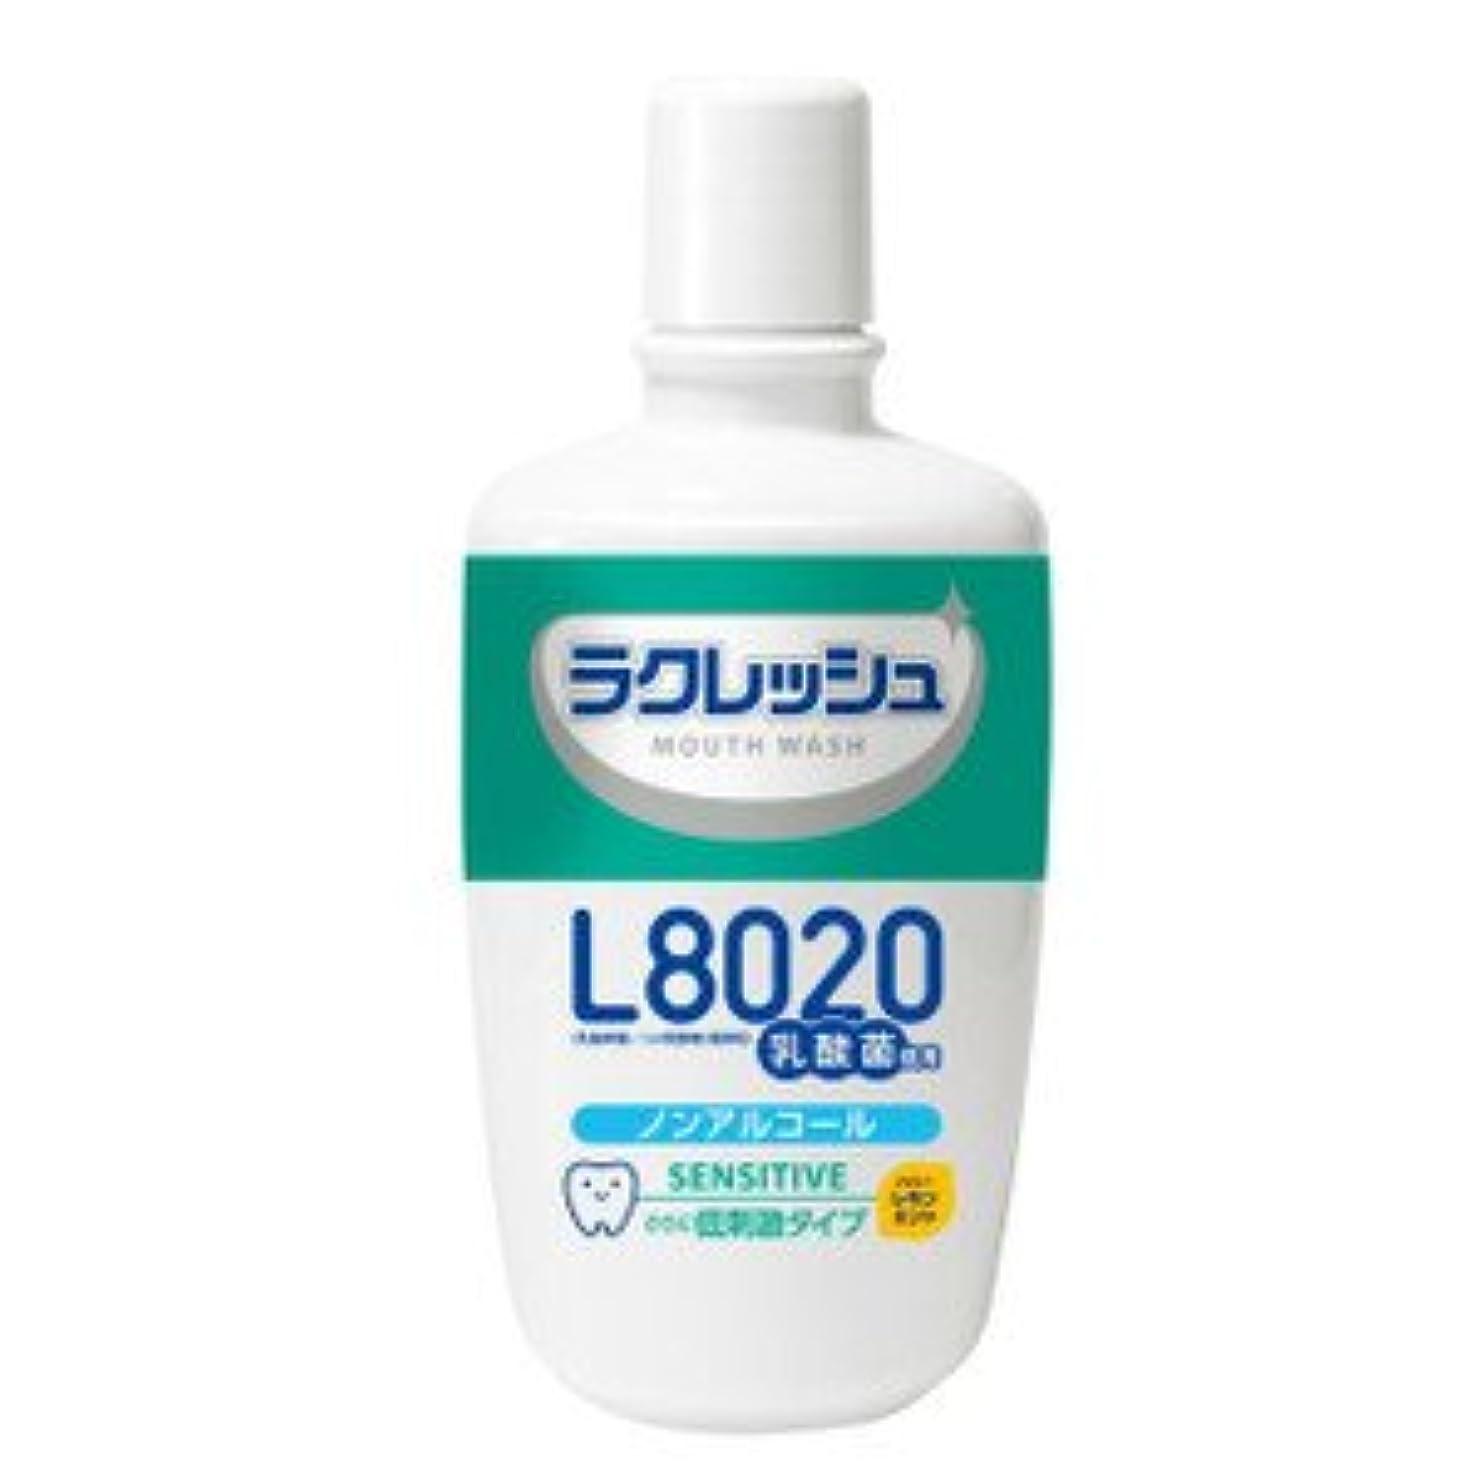 応じる個人はねかけるジェクス ラクレッシュ L8020乳酸菌 マウスウォッシュ 洗口液センシティブタイプ 300ml×10個セット